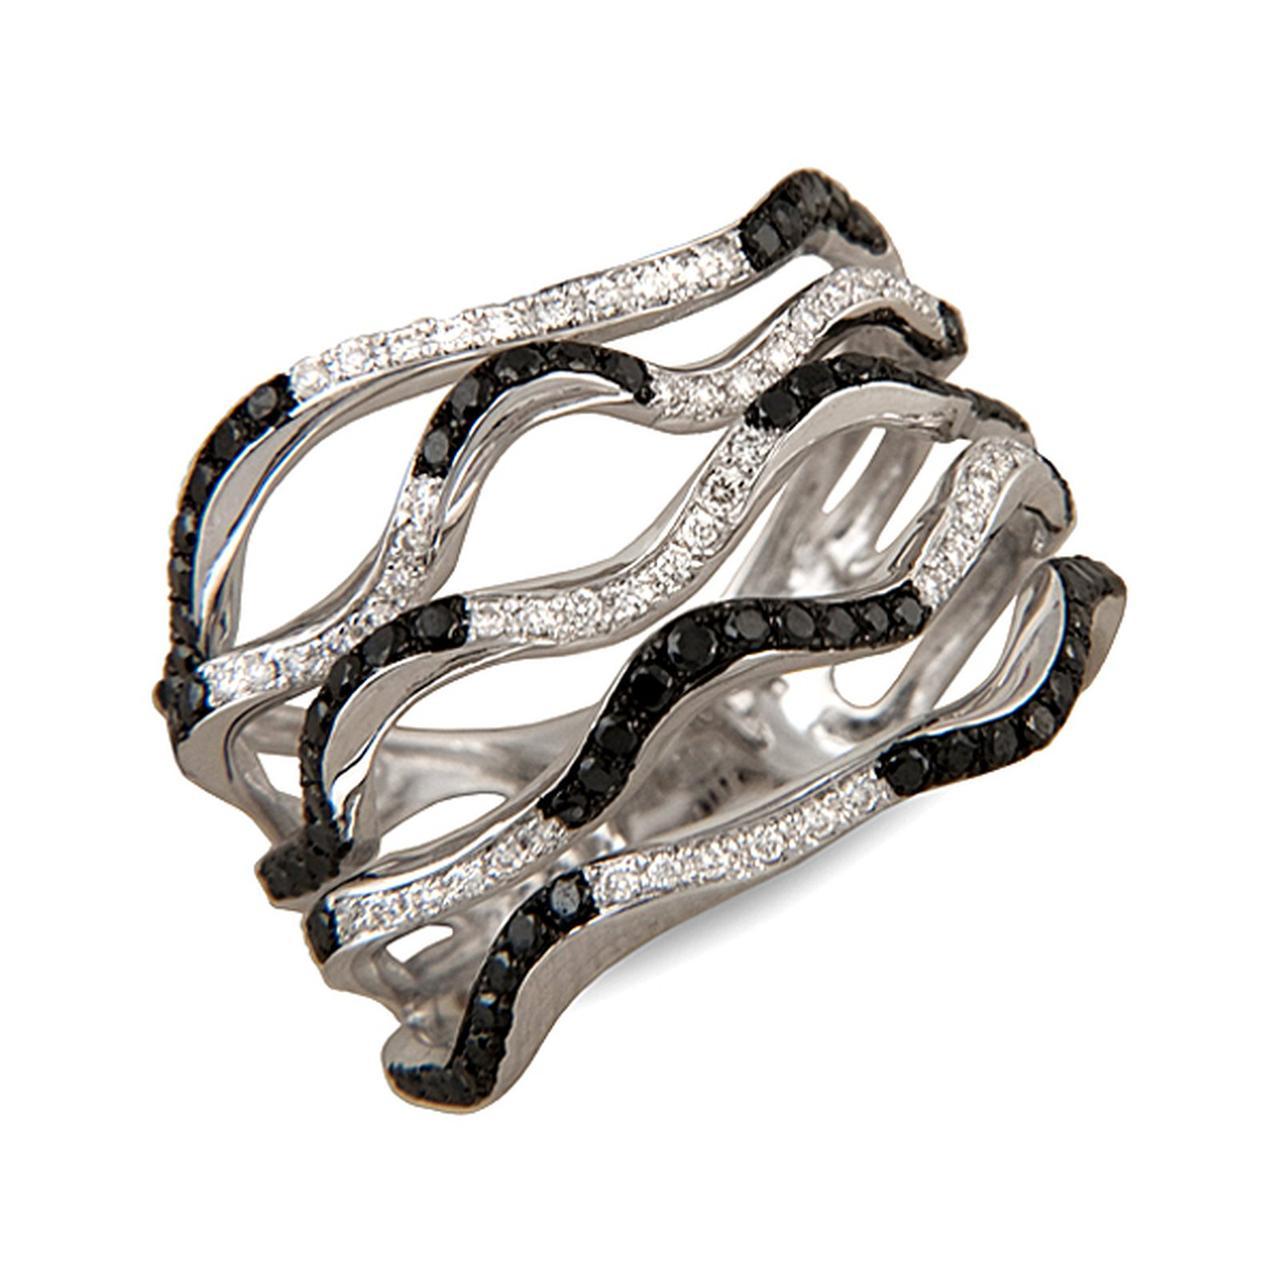 Золотое кольцо с бриллиантами, размер 17 (001657)